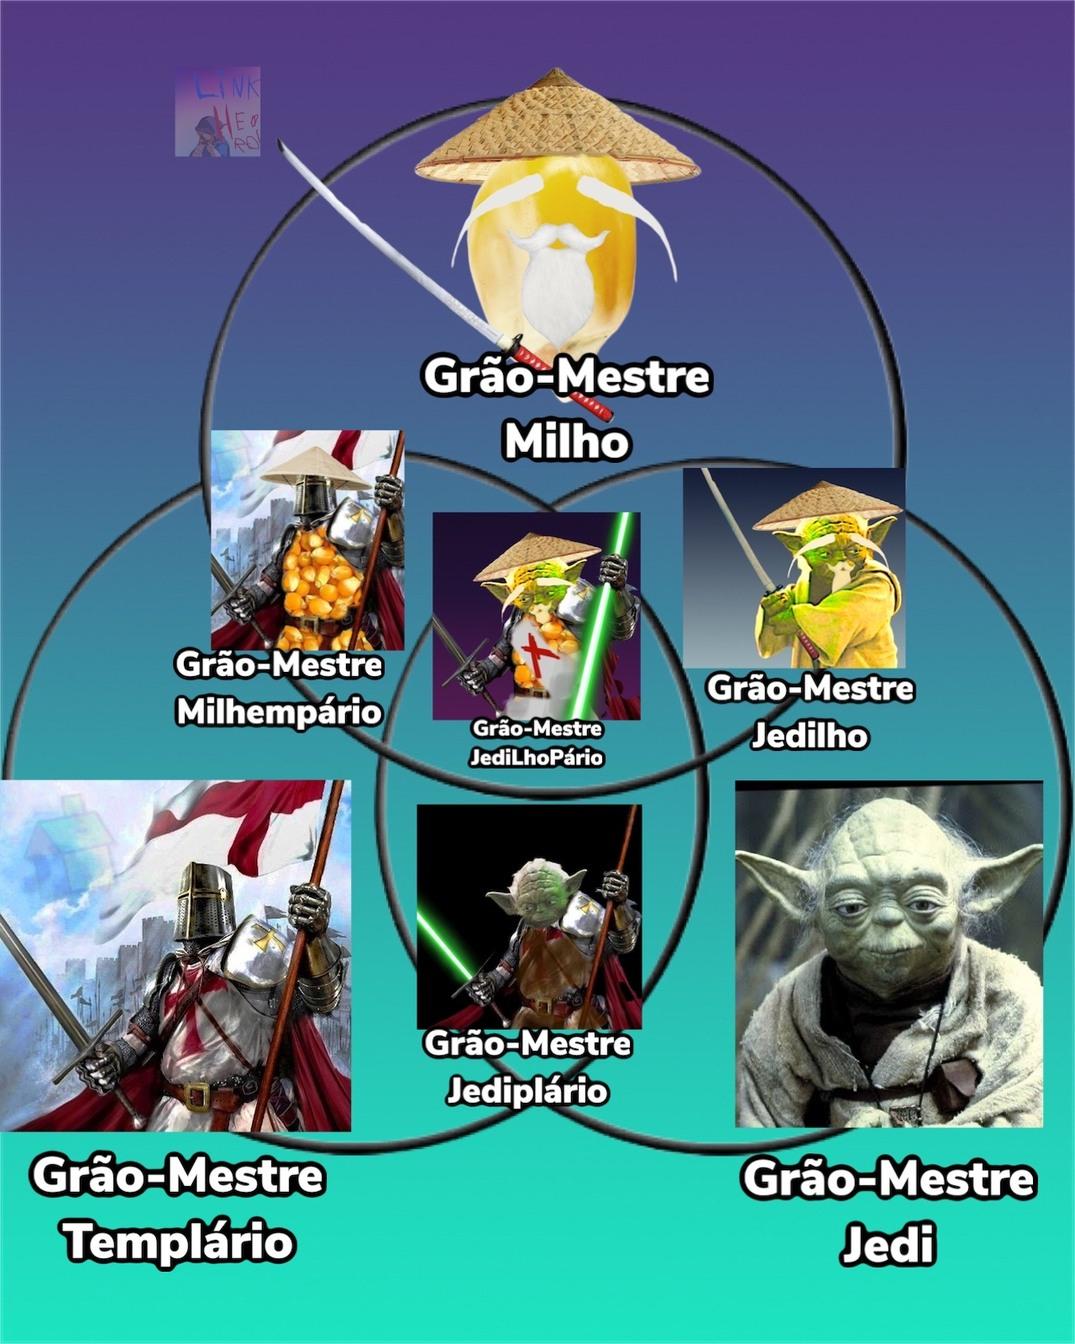 Supremo Grão-Mestre, o ser mais sábio de todos!! ( Pfv NÃO NEGATIVA ;-;) - meme